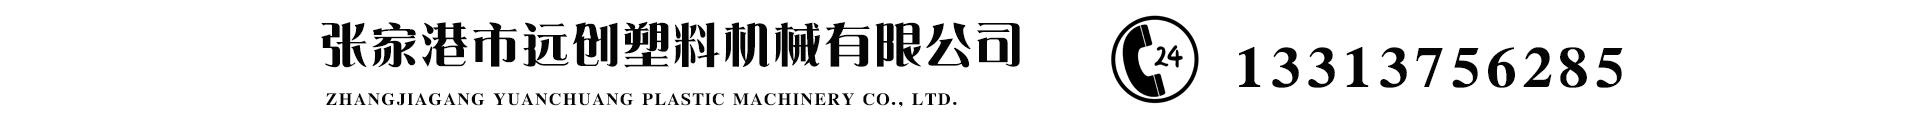 张家港市远创塑料机械有限公司